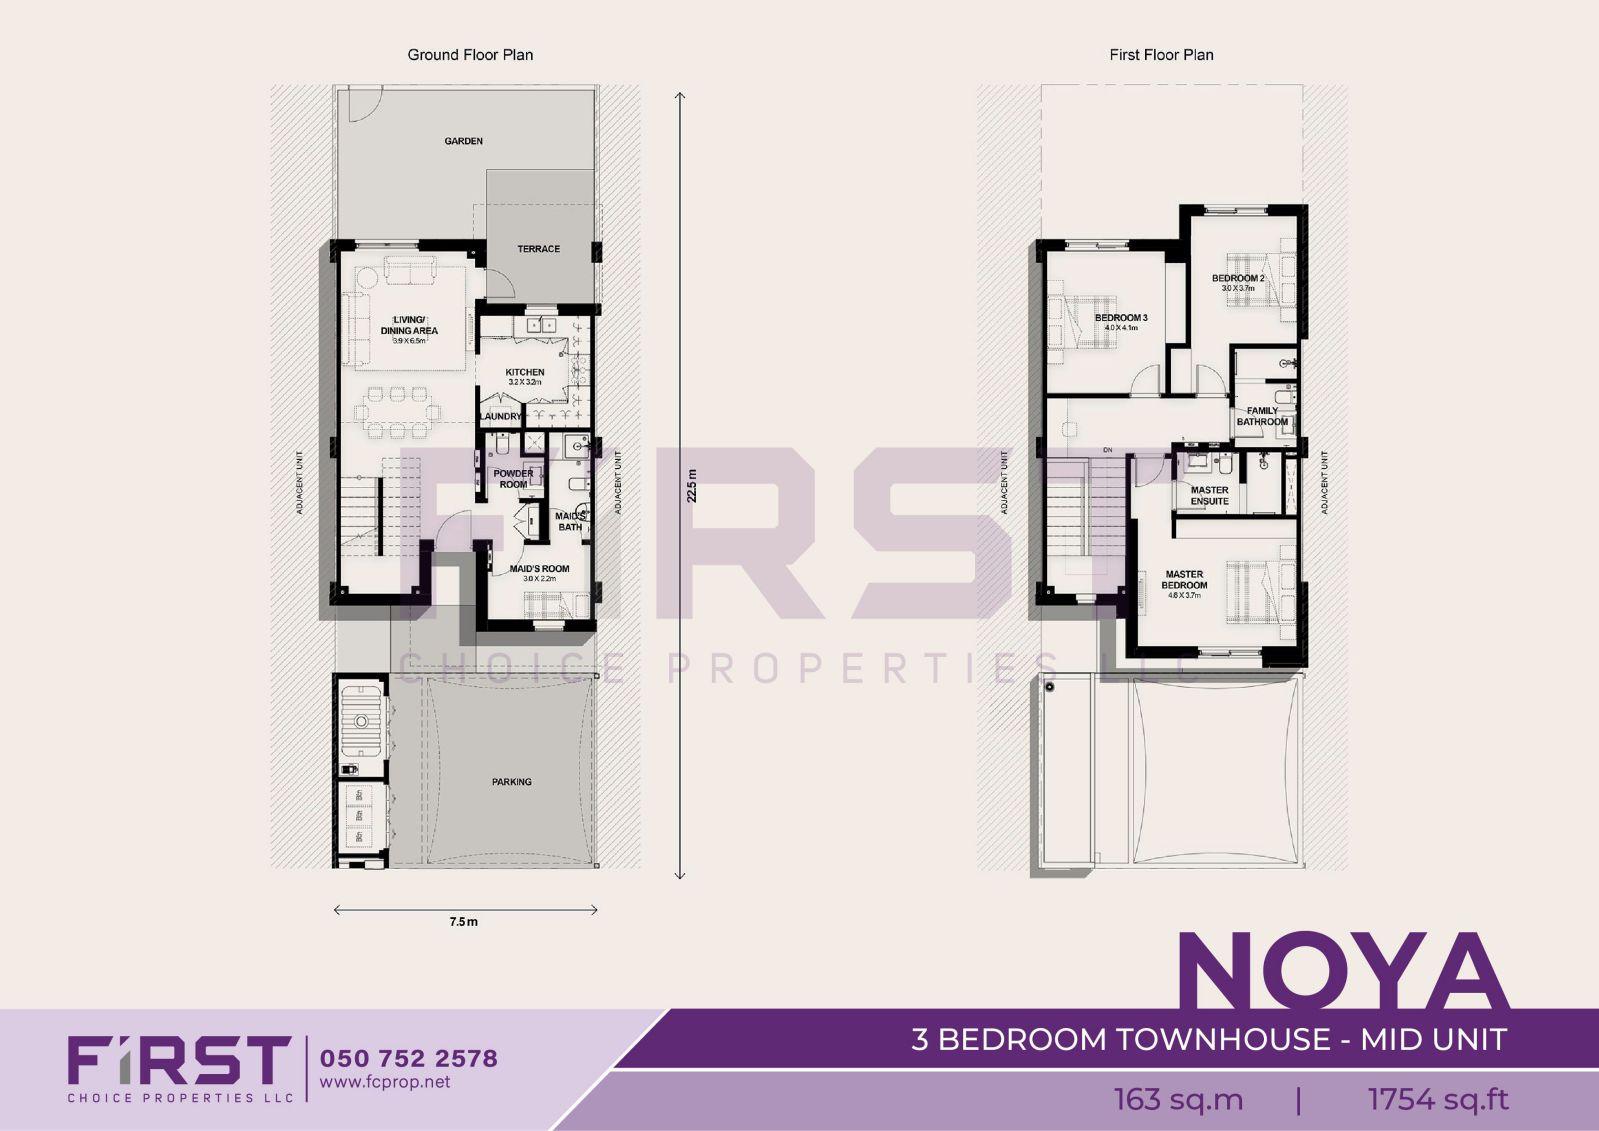 Floor Plan of 3 Bedroom Townhouse Mid Unit in Noya Yas Island Abu Dhabi UAE 163 sq.m 1754 sq.ft.jpg